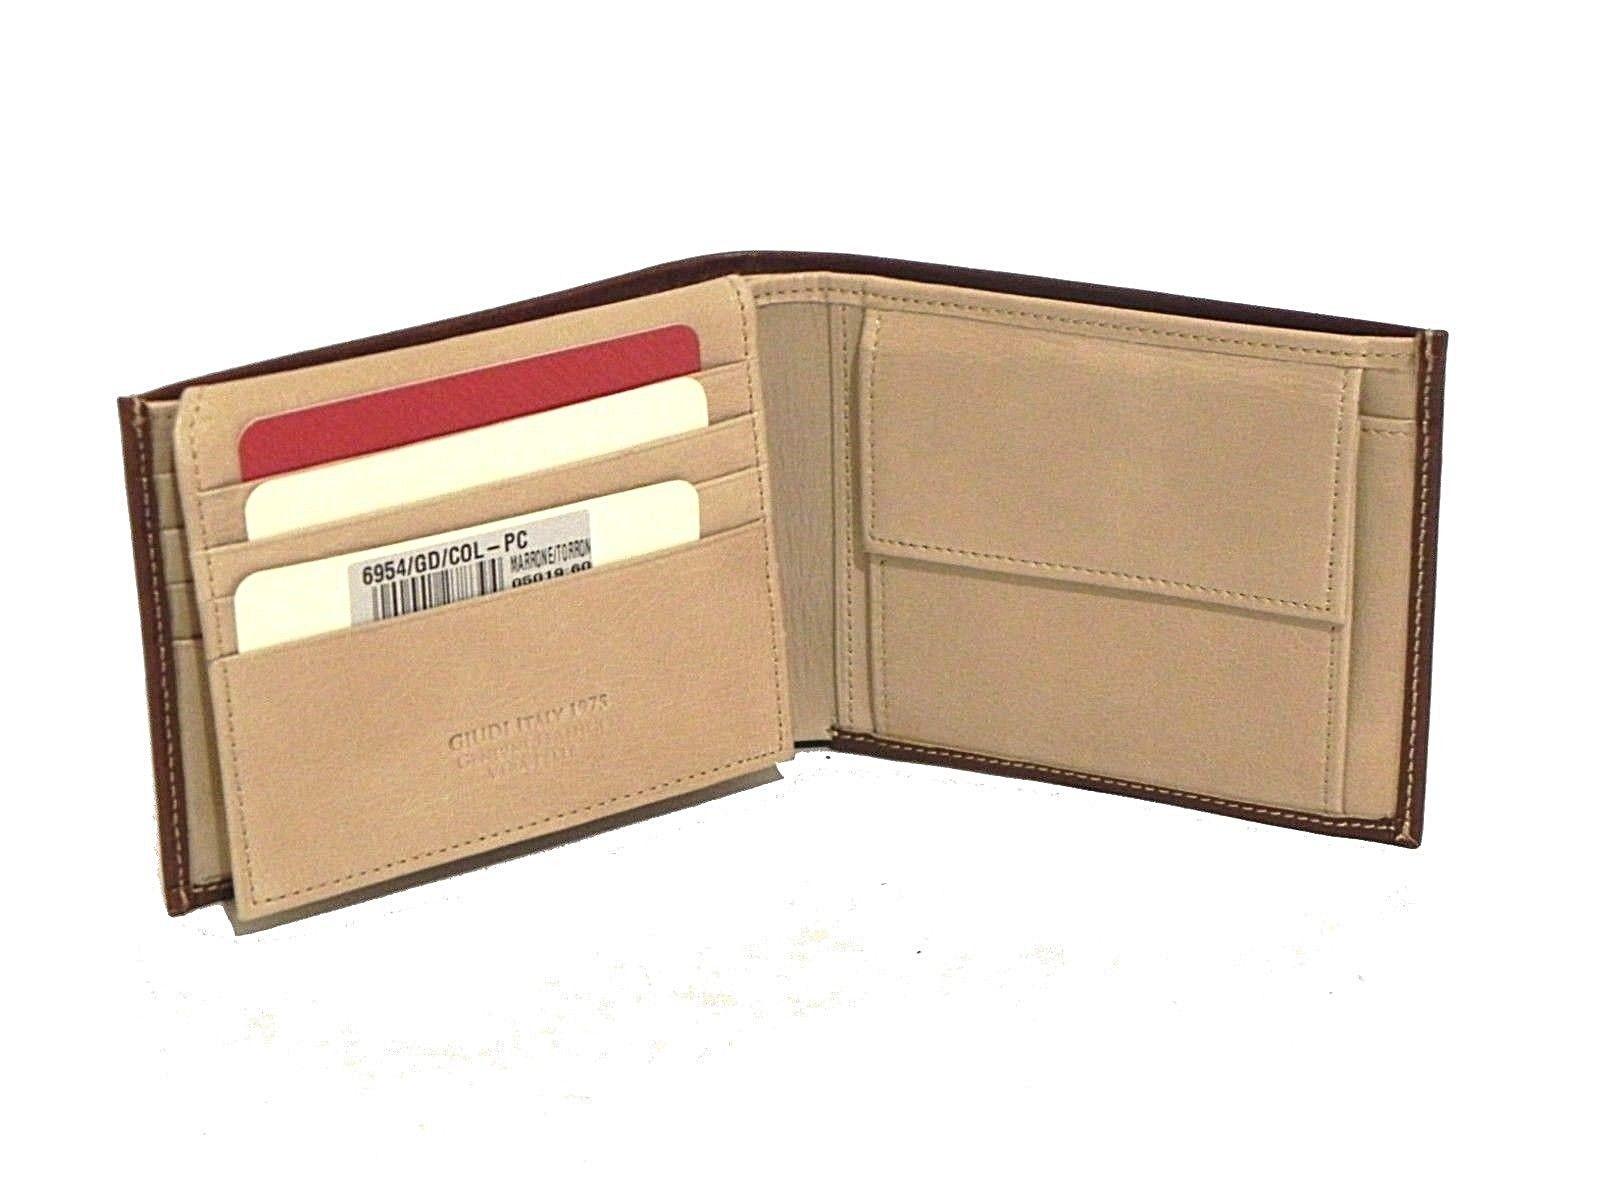 selezione migliore 86c23 383ff Portafogli e porta documenti Portafoglio Giudi uomo ...